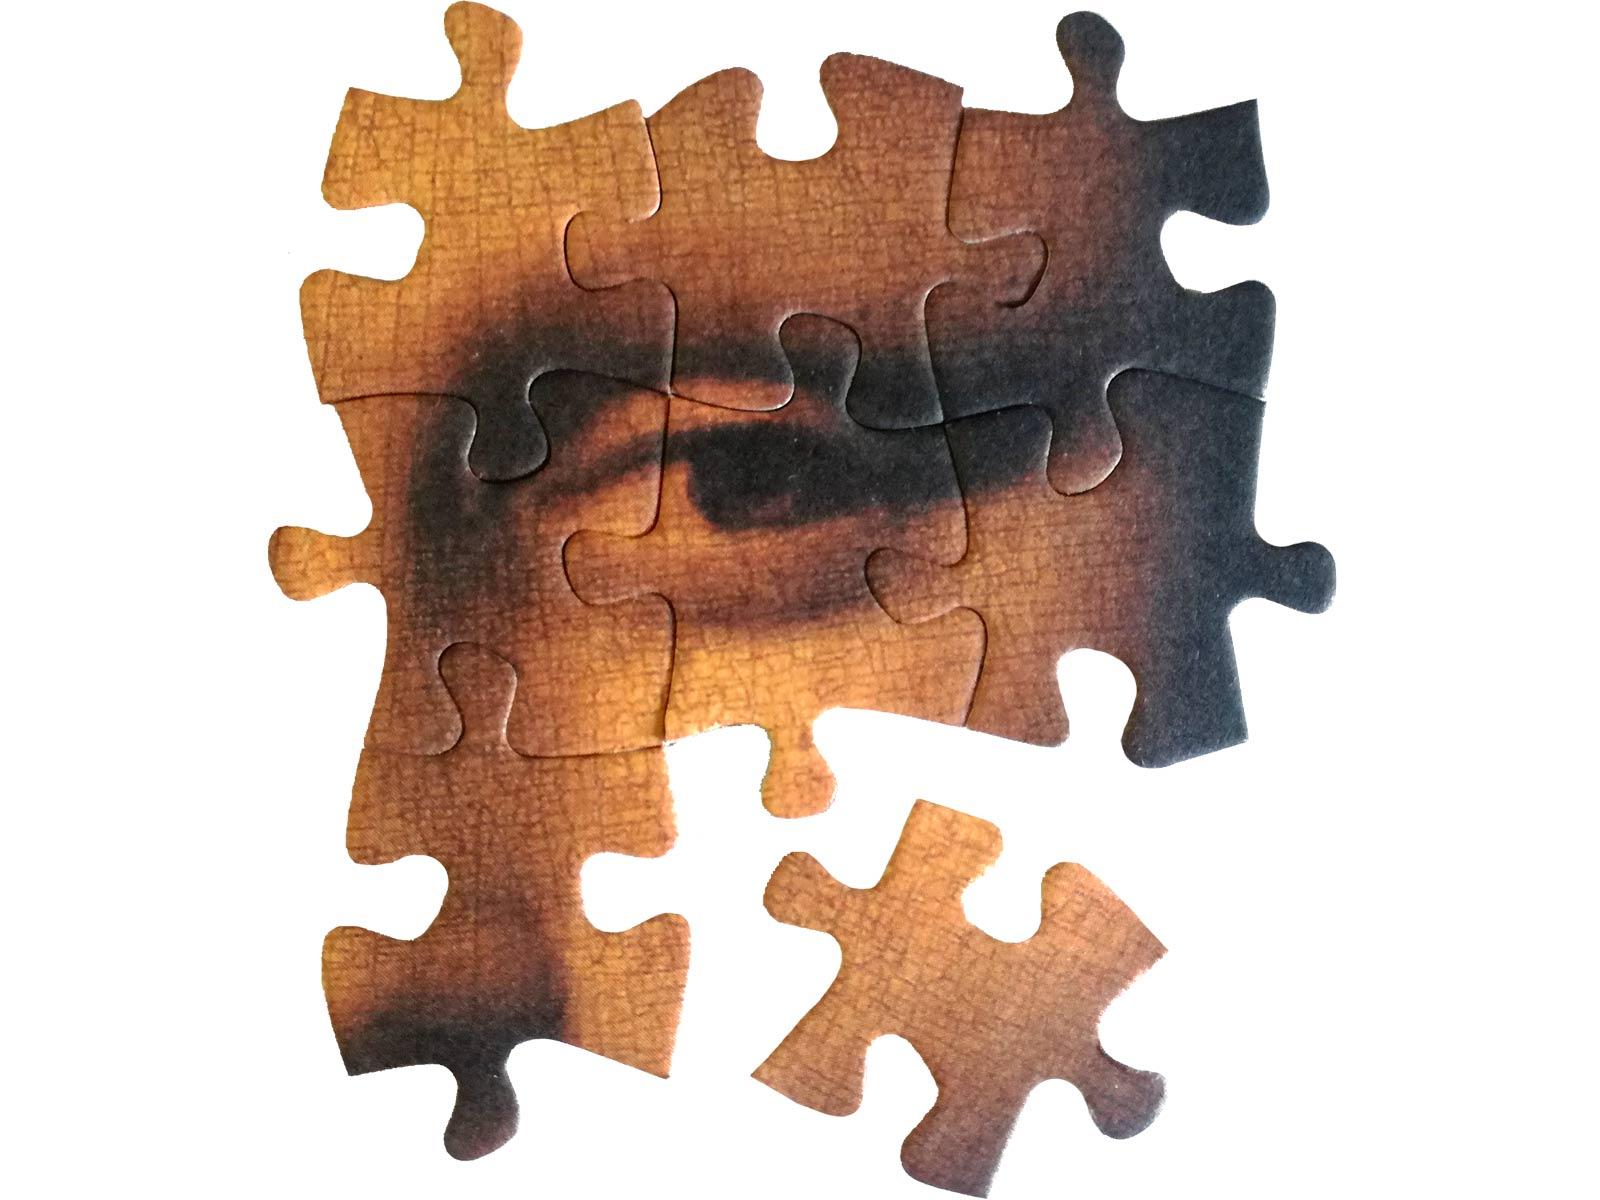 Art Puzzle tradizionali